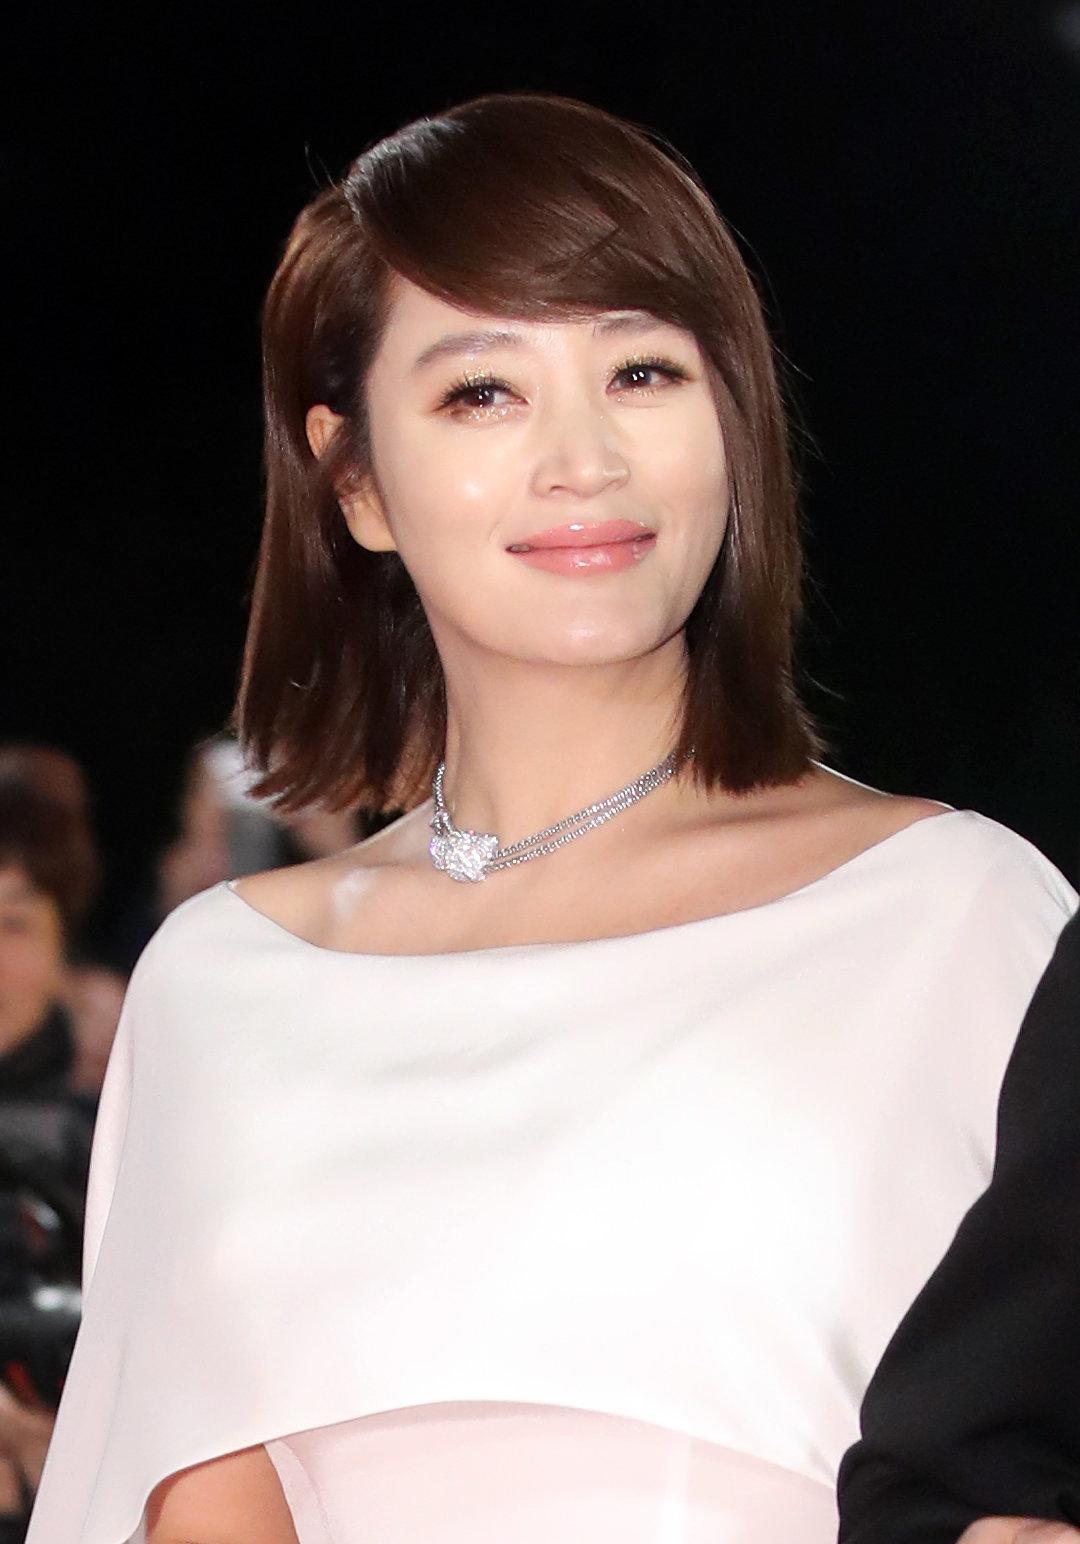 염정아가 '김혜수도 'SKY 캐슬' 열혈 시청자였다'고